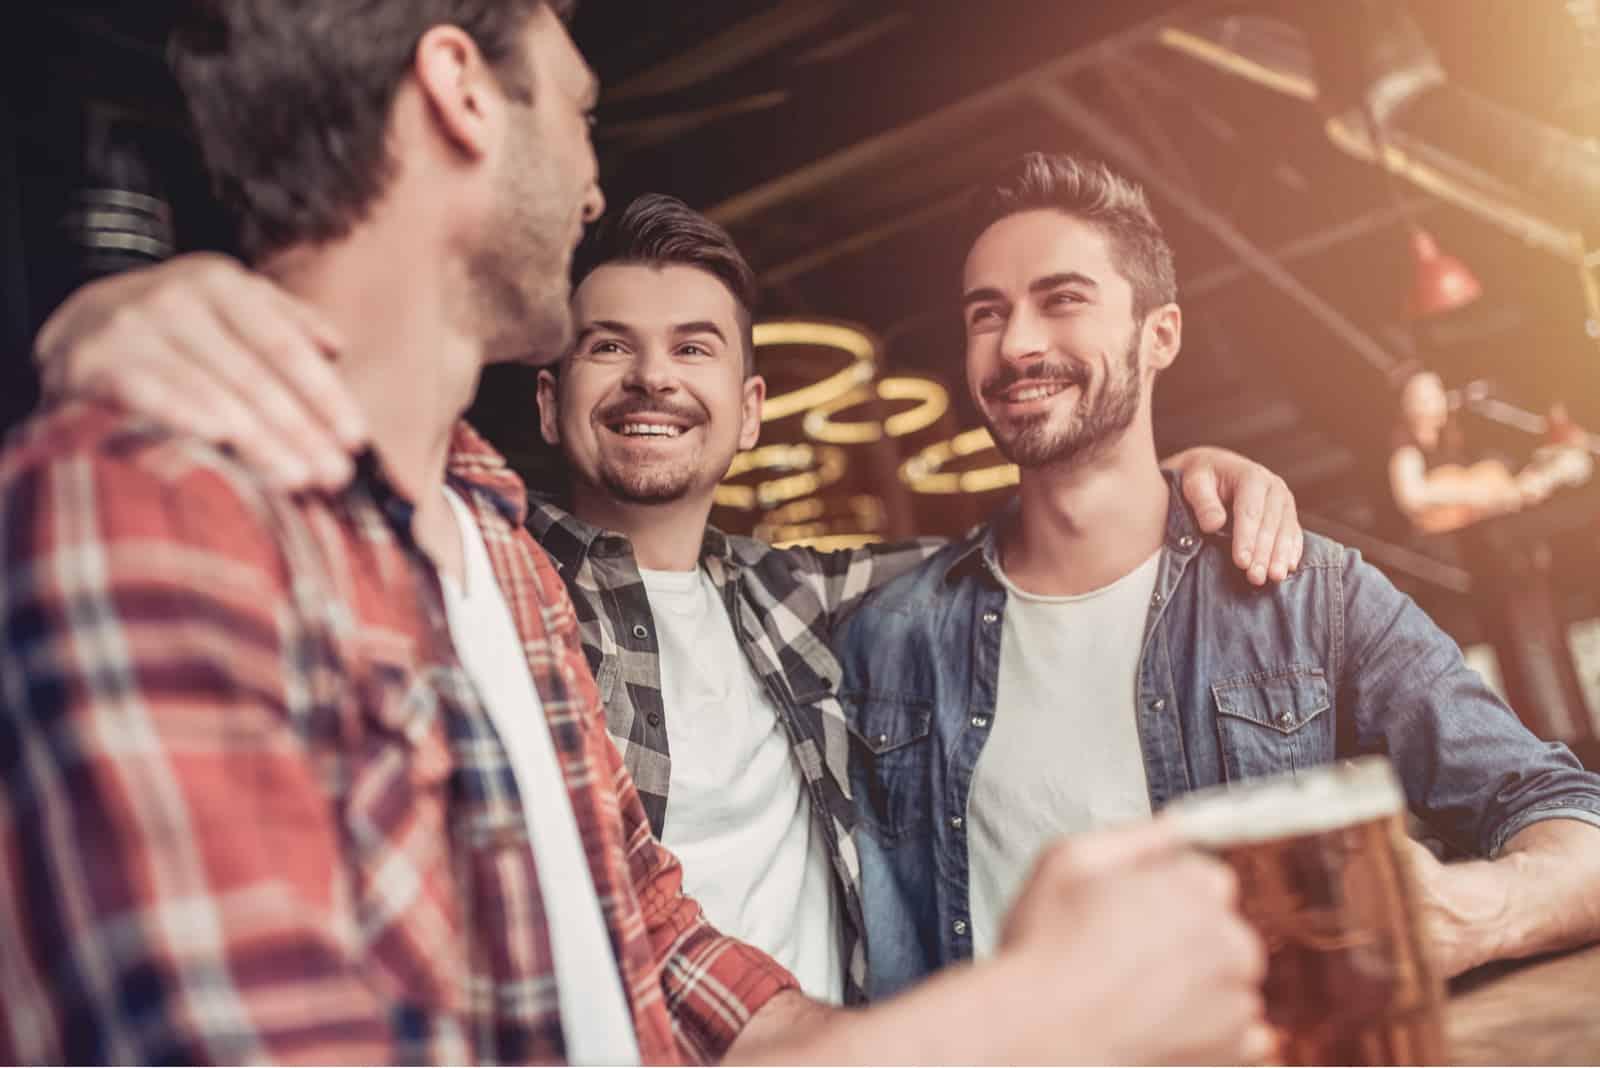 amis riant et buvant de la bière